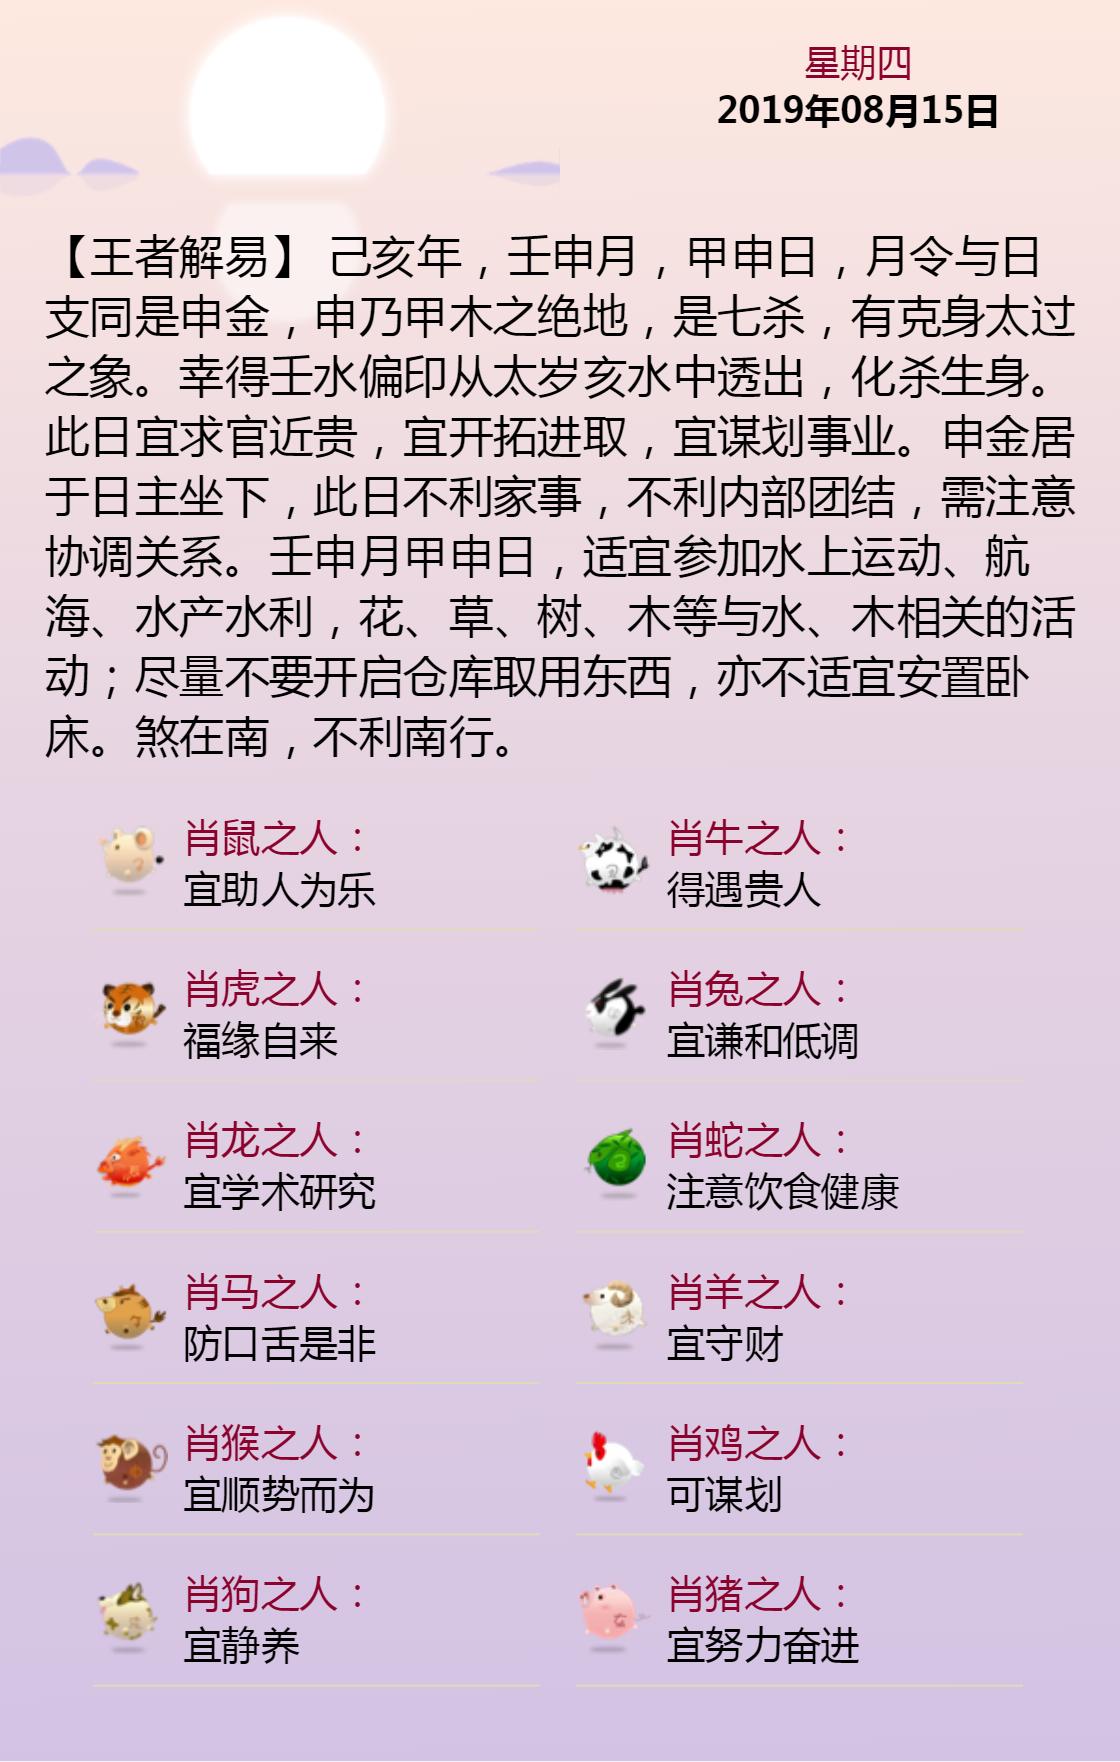 黄历海报20190815.png